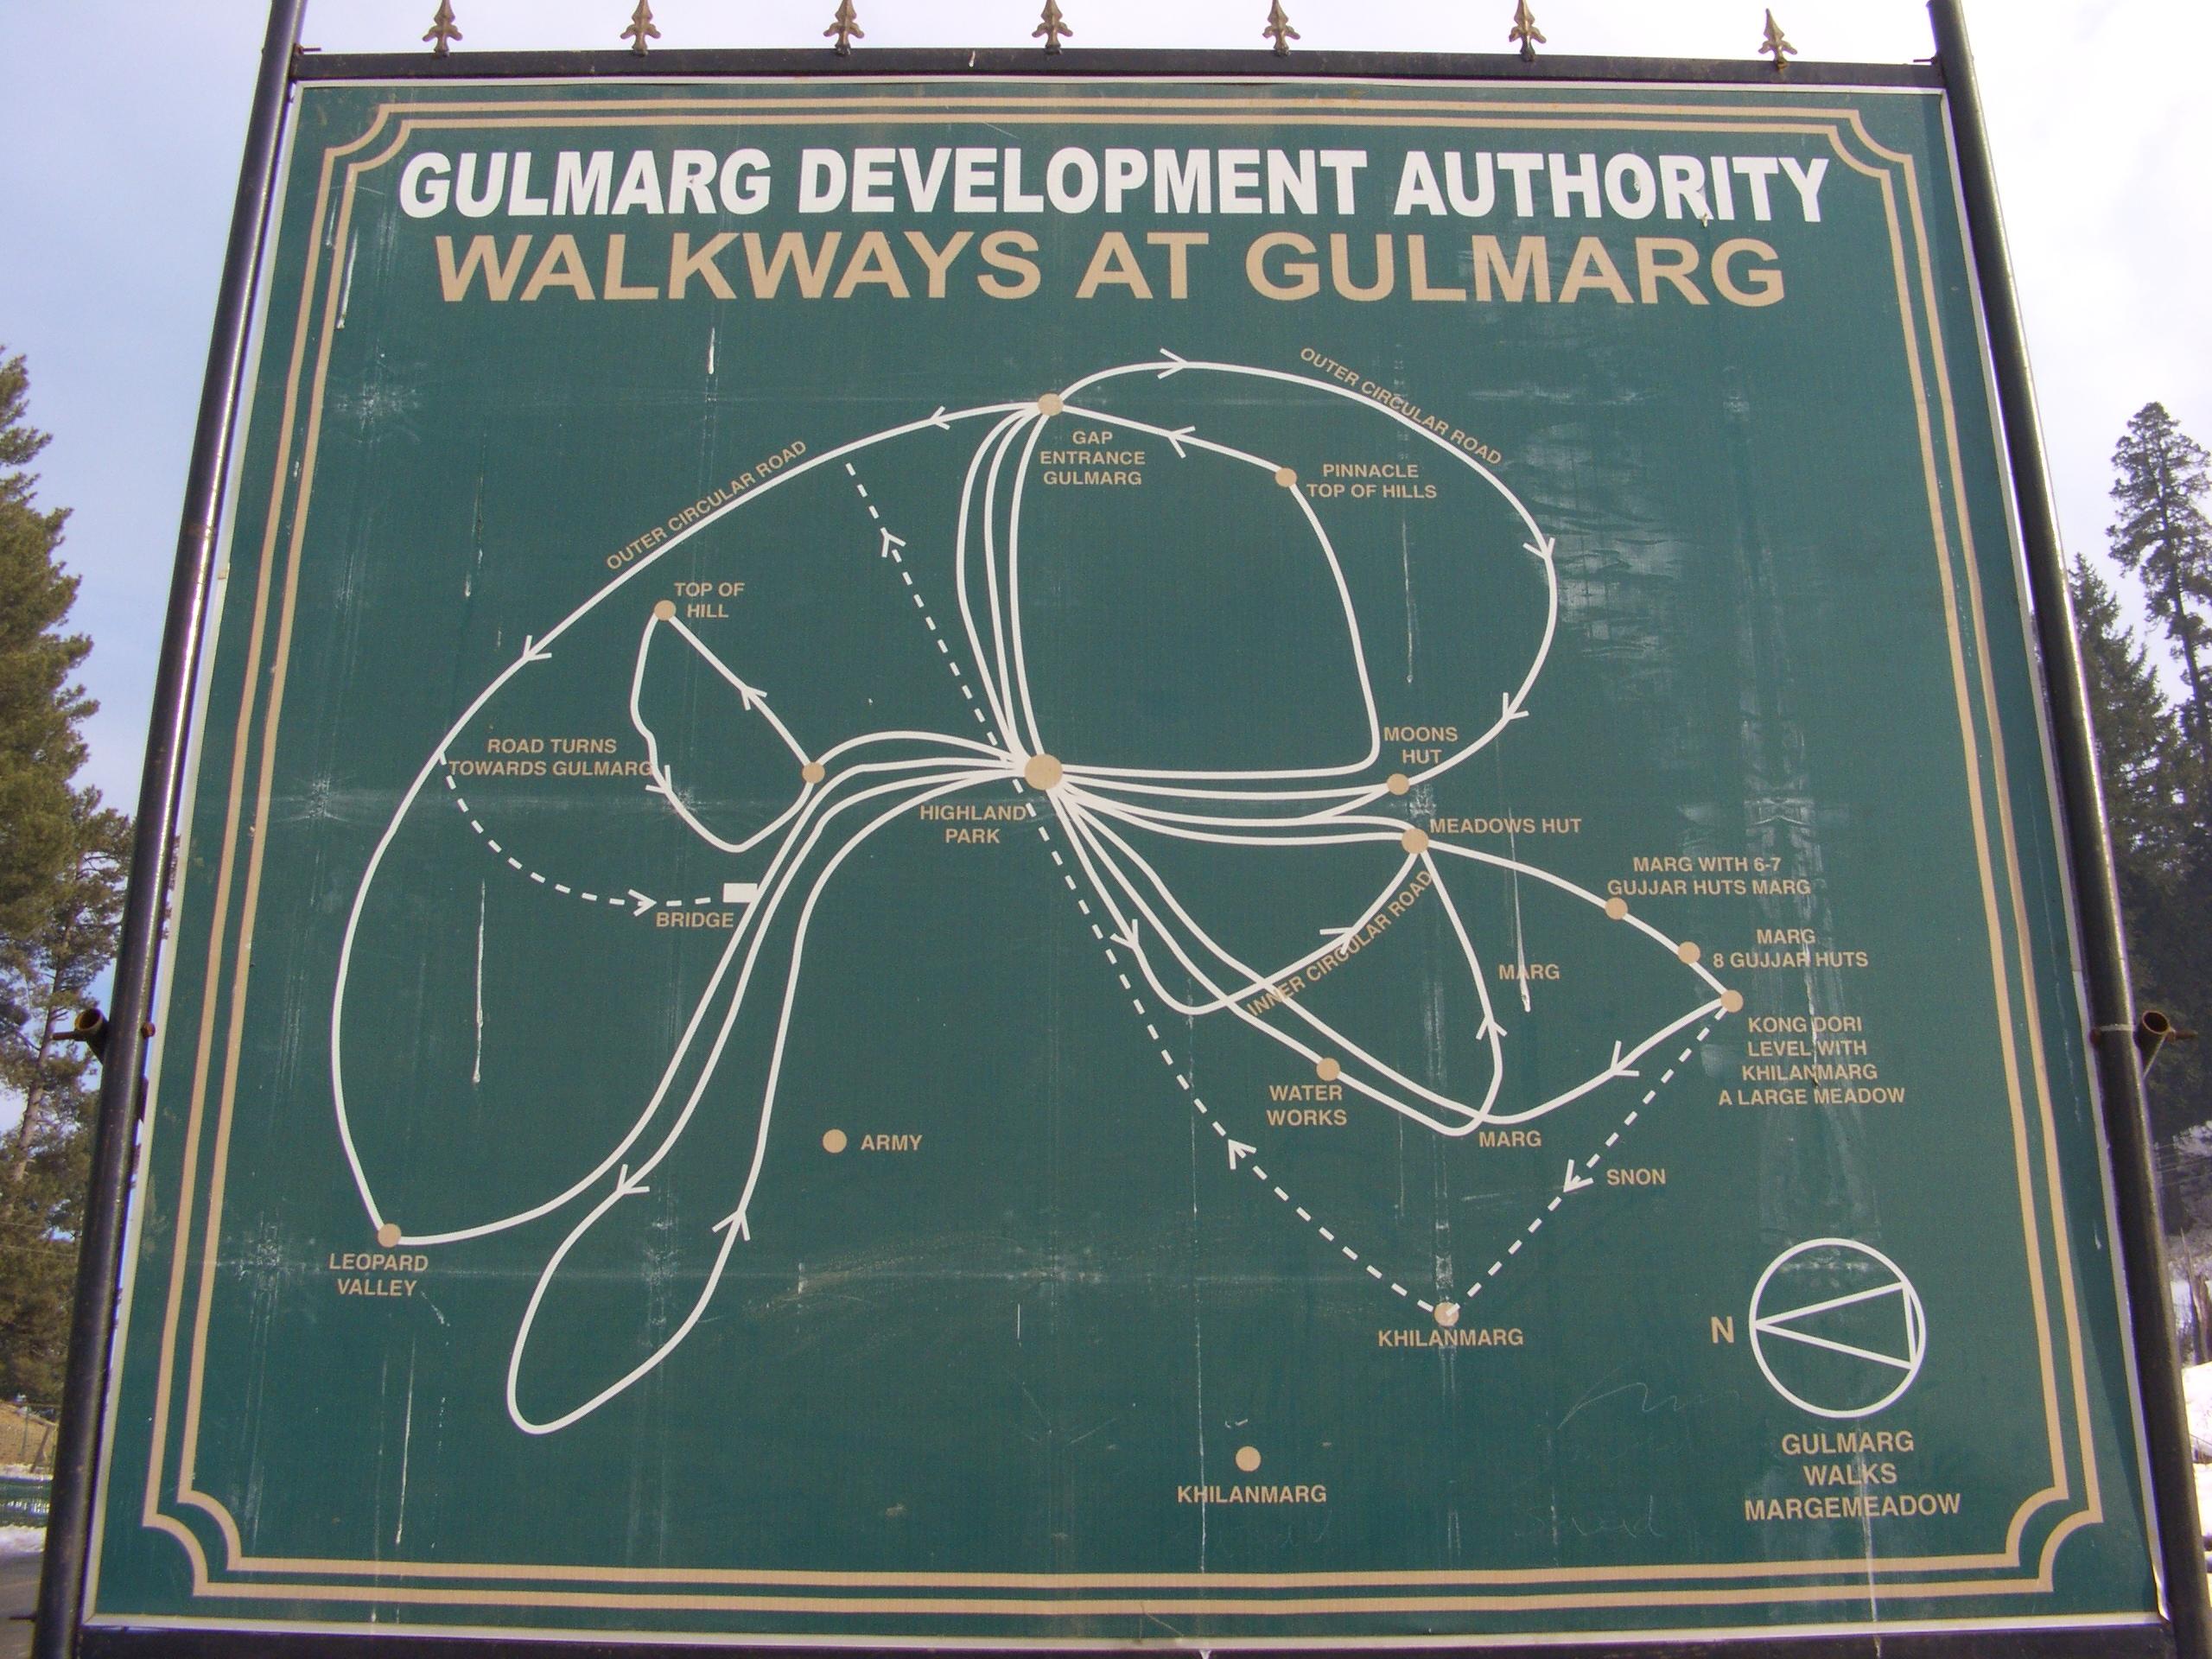 Walkways in Gulmarg